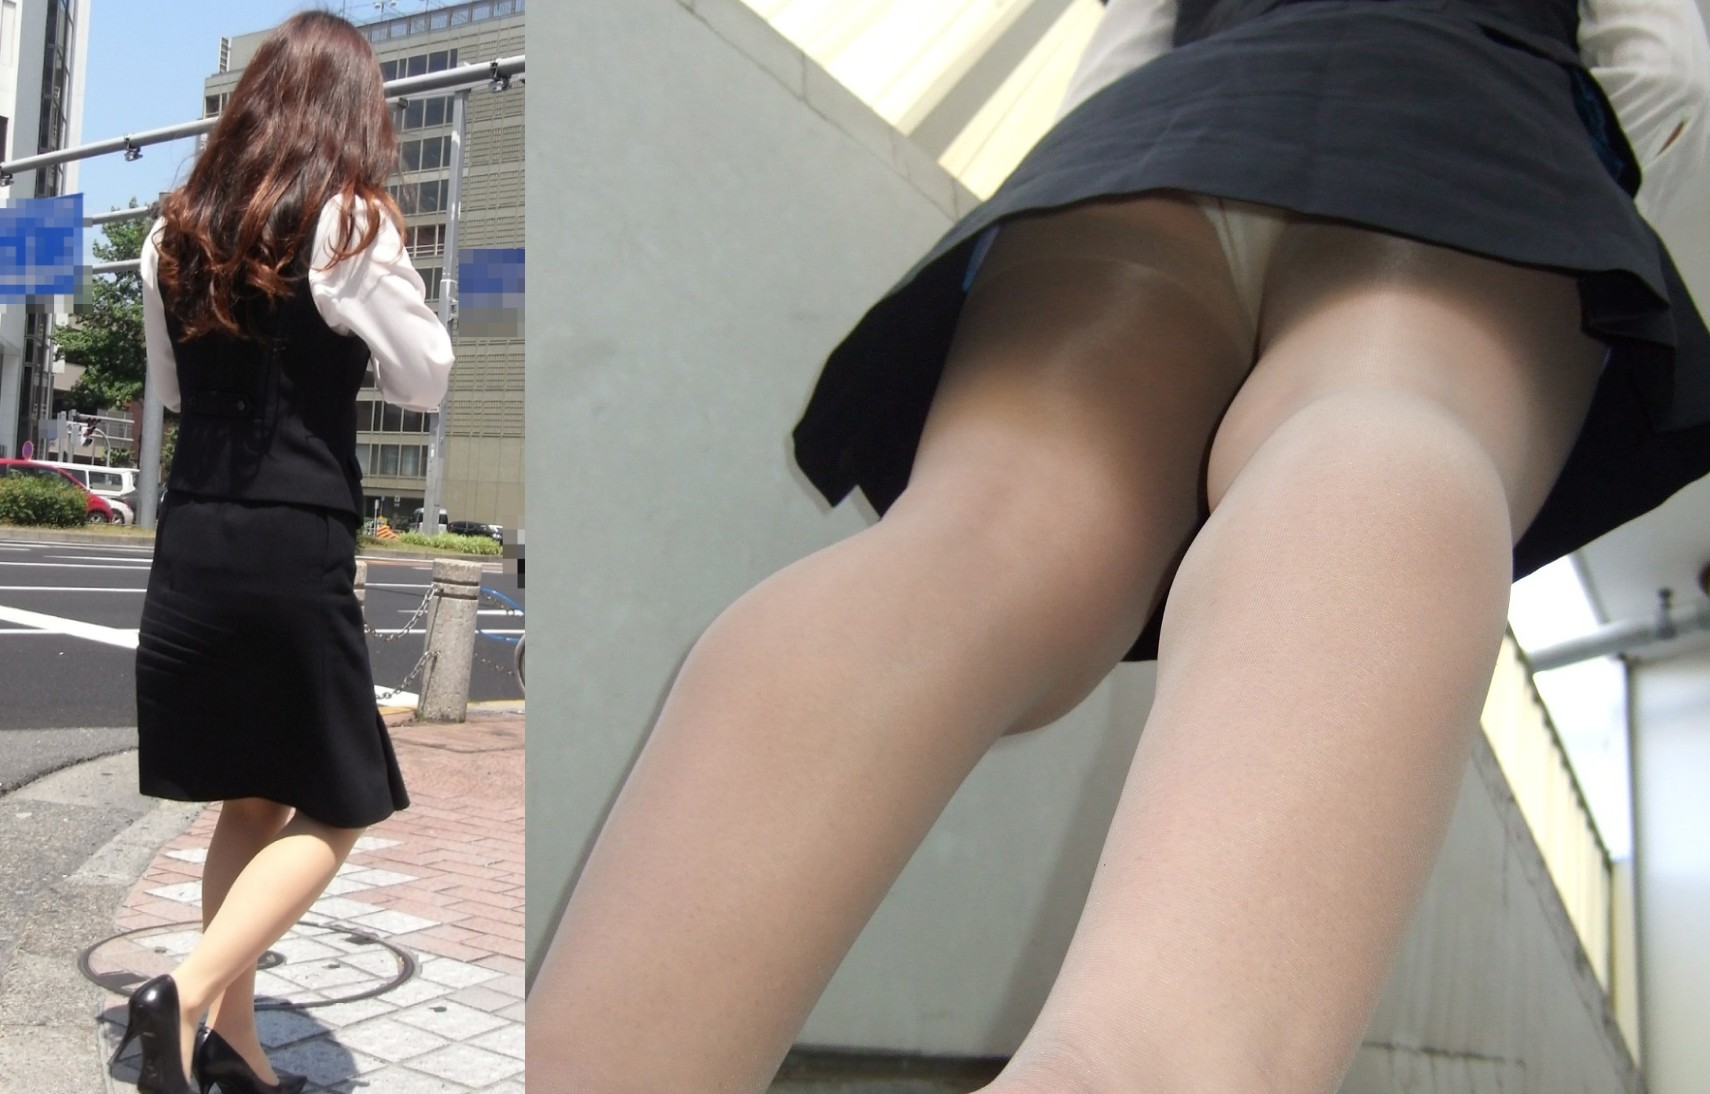 素人バスガイドの淫乱パンストパンチラ盗撮エロ画像11枚目